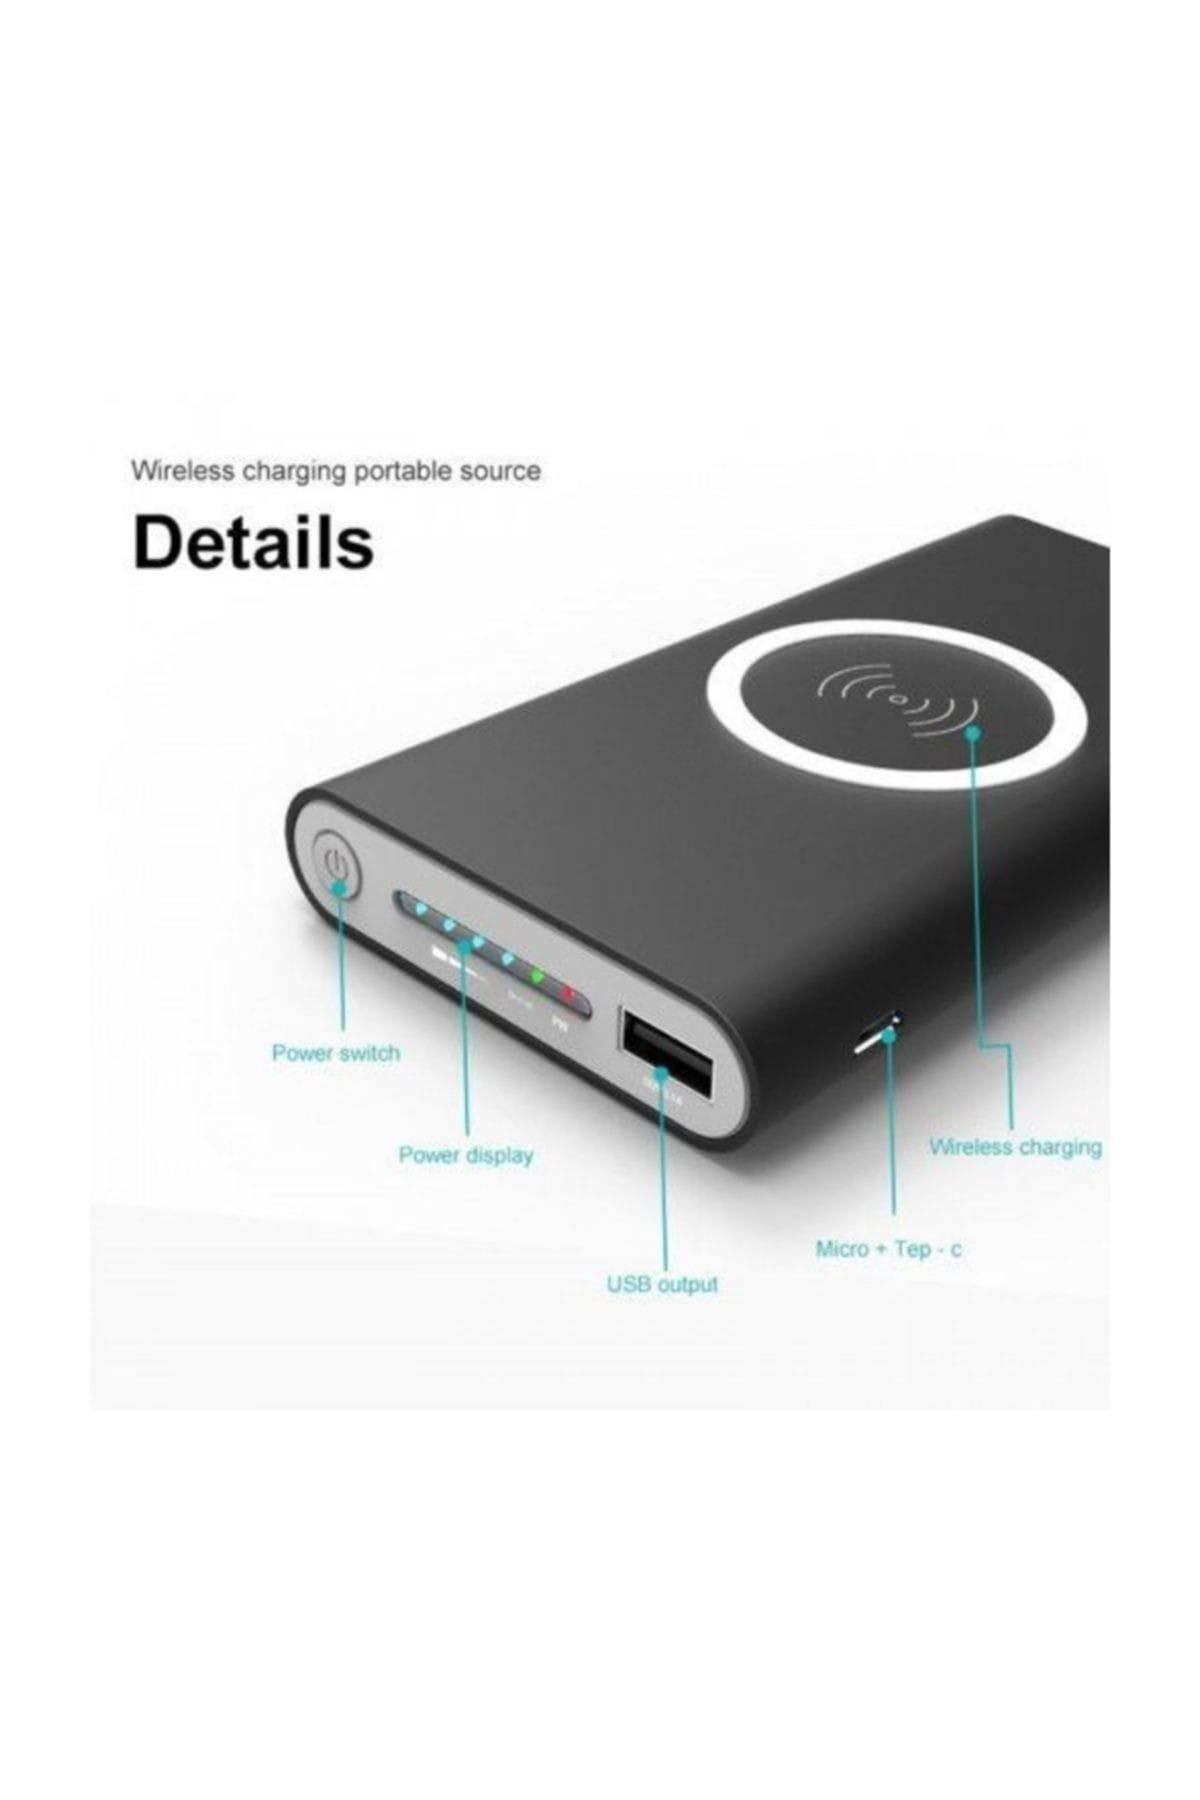 PROTECH Pro B10 Kablosuz Powerbank Taşınabilir Şarj Cihazı 10000 Mah Gri 2